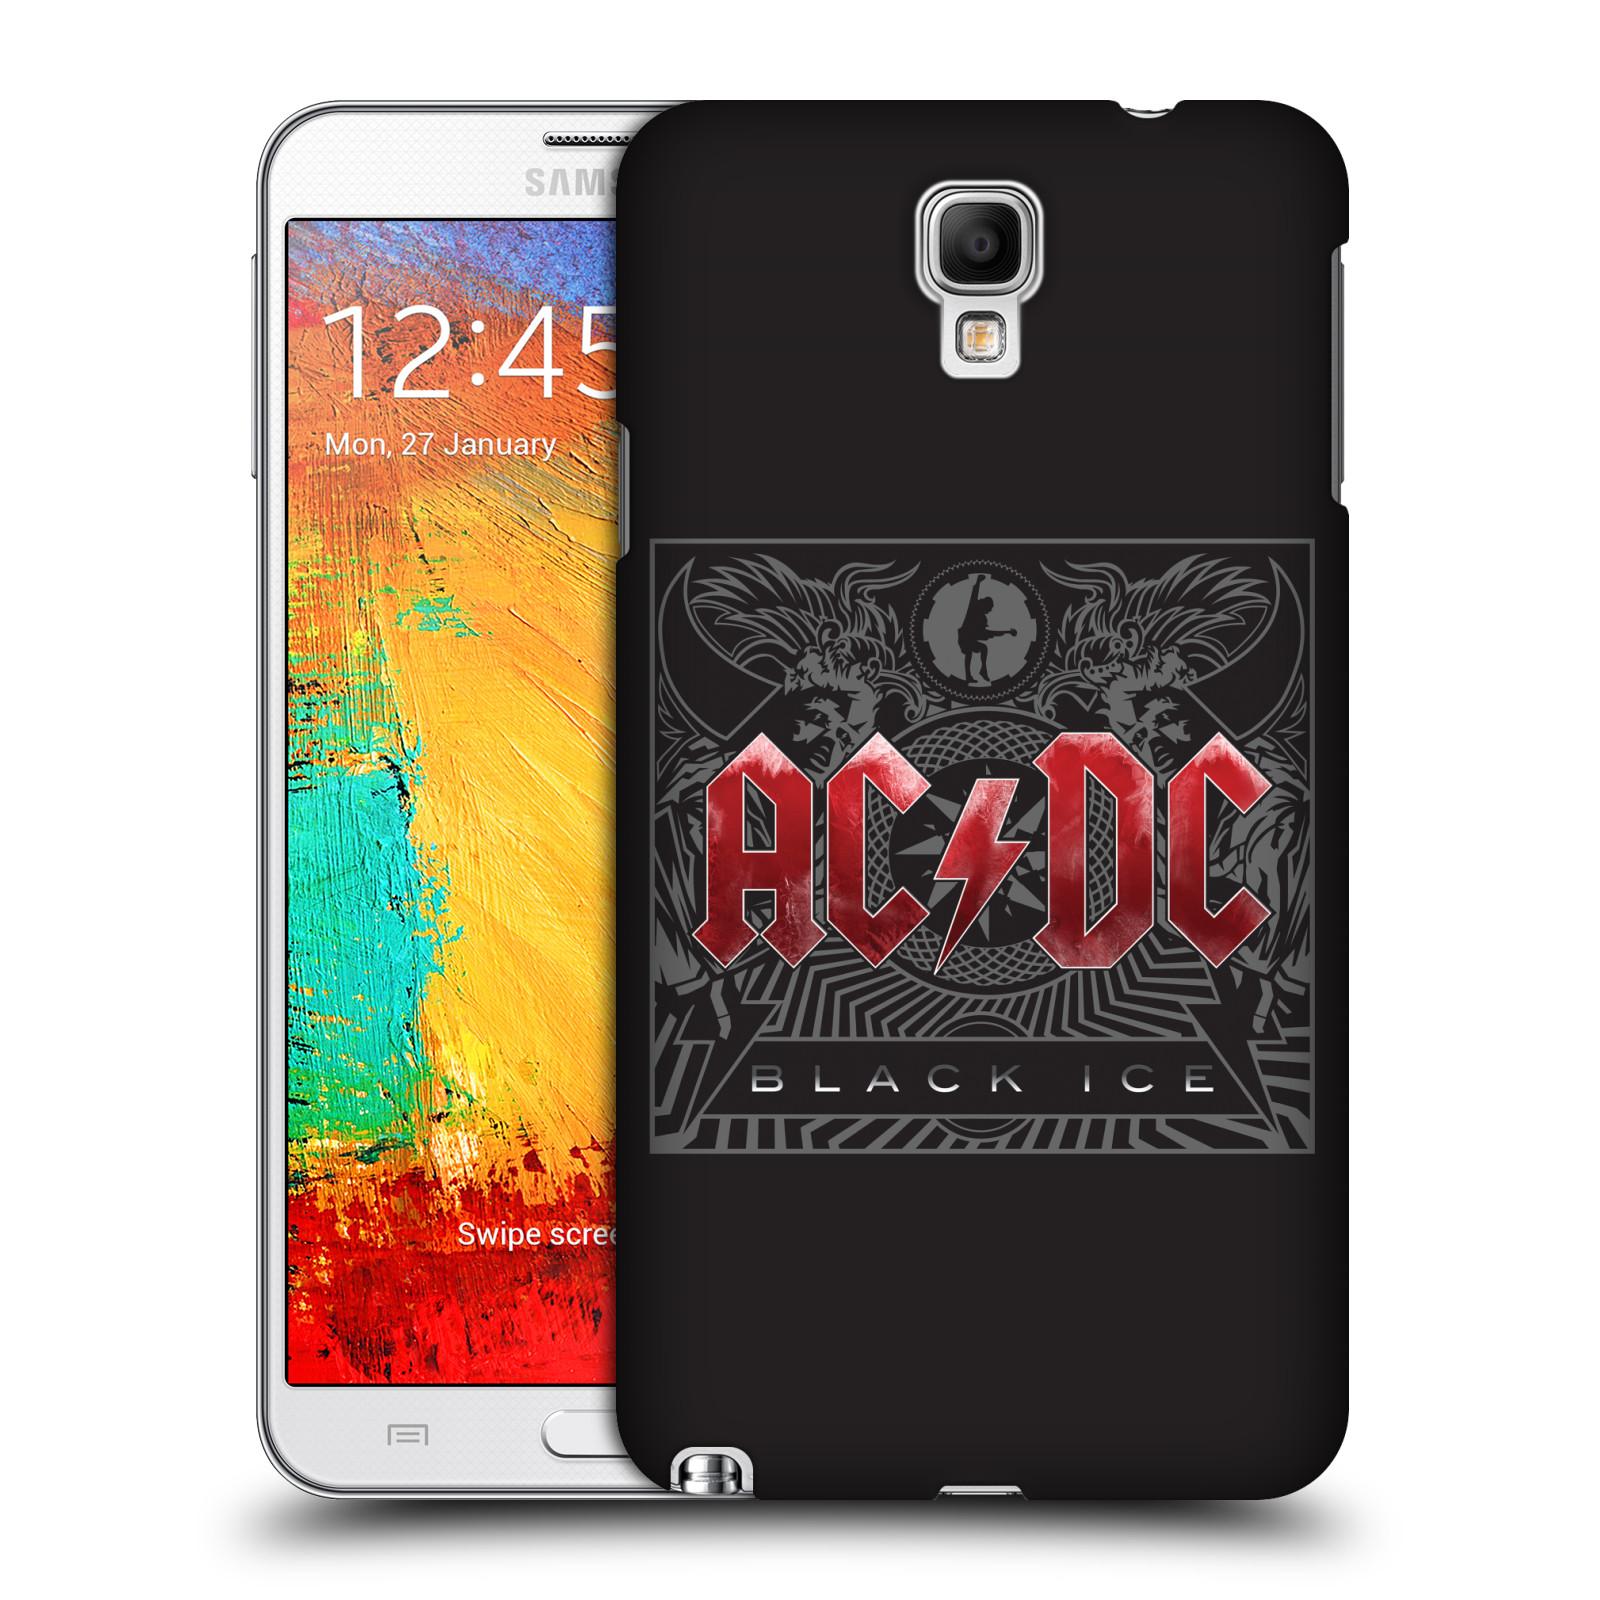 Plastové pouzdro na mobil Samsung Galaxy Note 3 Neo HEAD CASE AC/DC Black Ice (Plastový kryt či obal na mobilní telefon s oficiálním motivem australské skupiny AC/DC pro Samsung Galaxy Note 3 Neo SM-N7505)